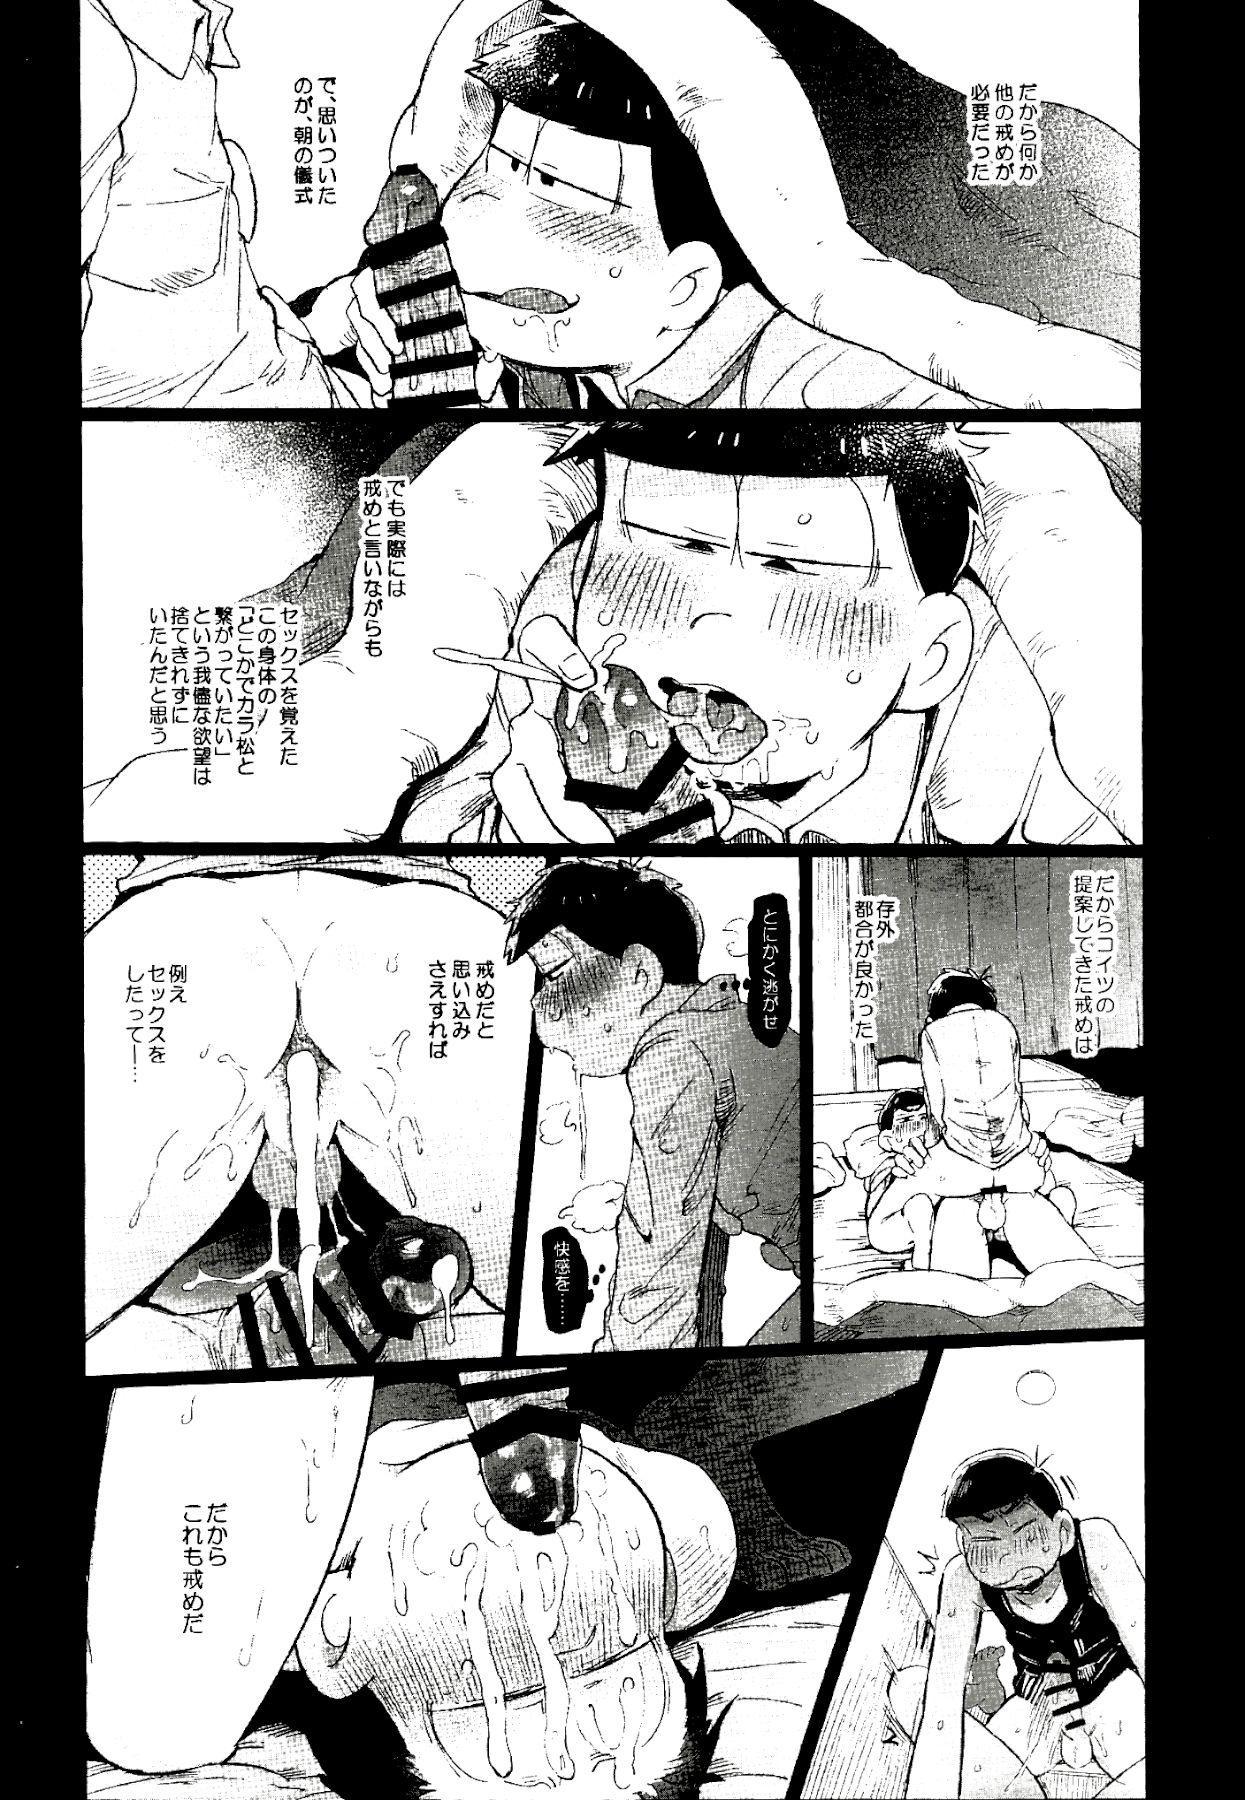 Kore ga Bokura no Imashime Riron 22